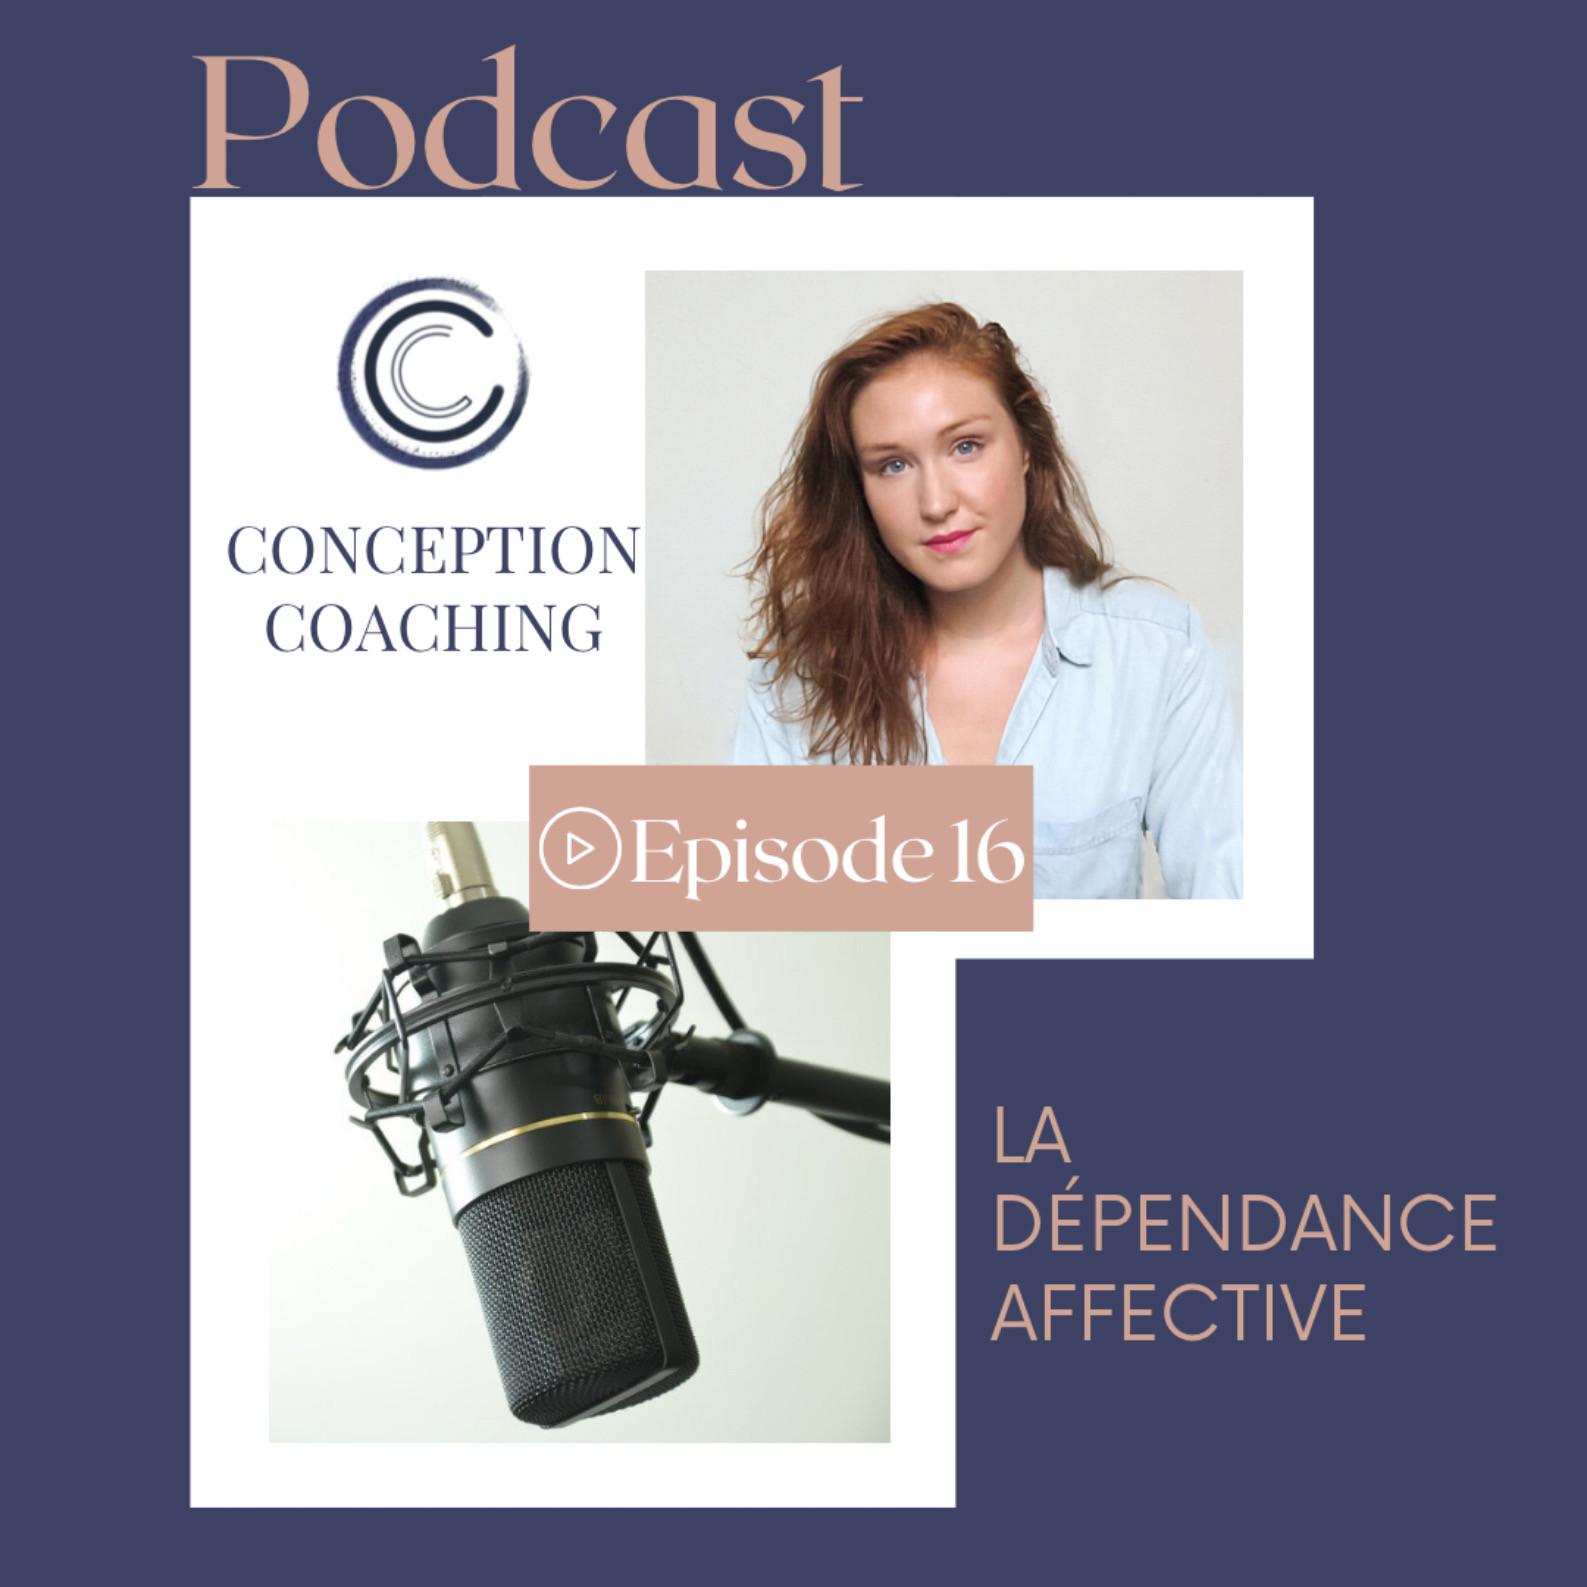 #16 La dépendance affective